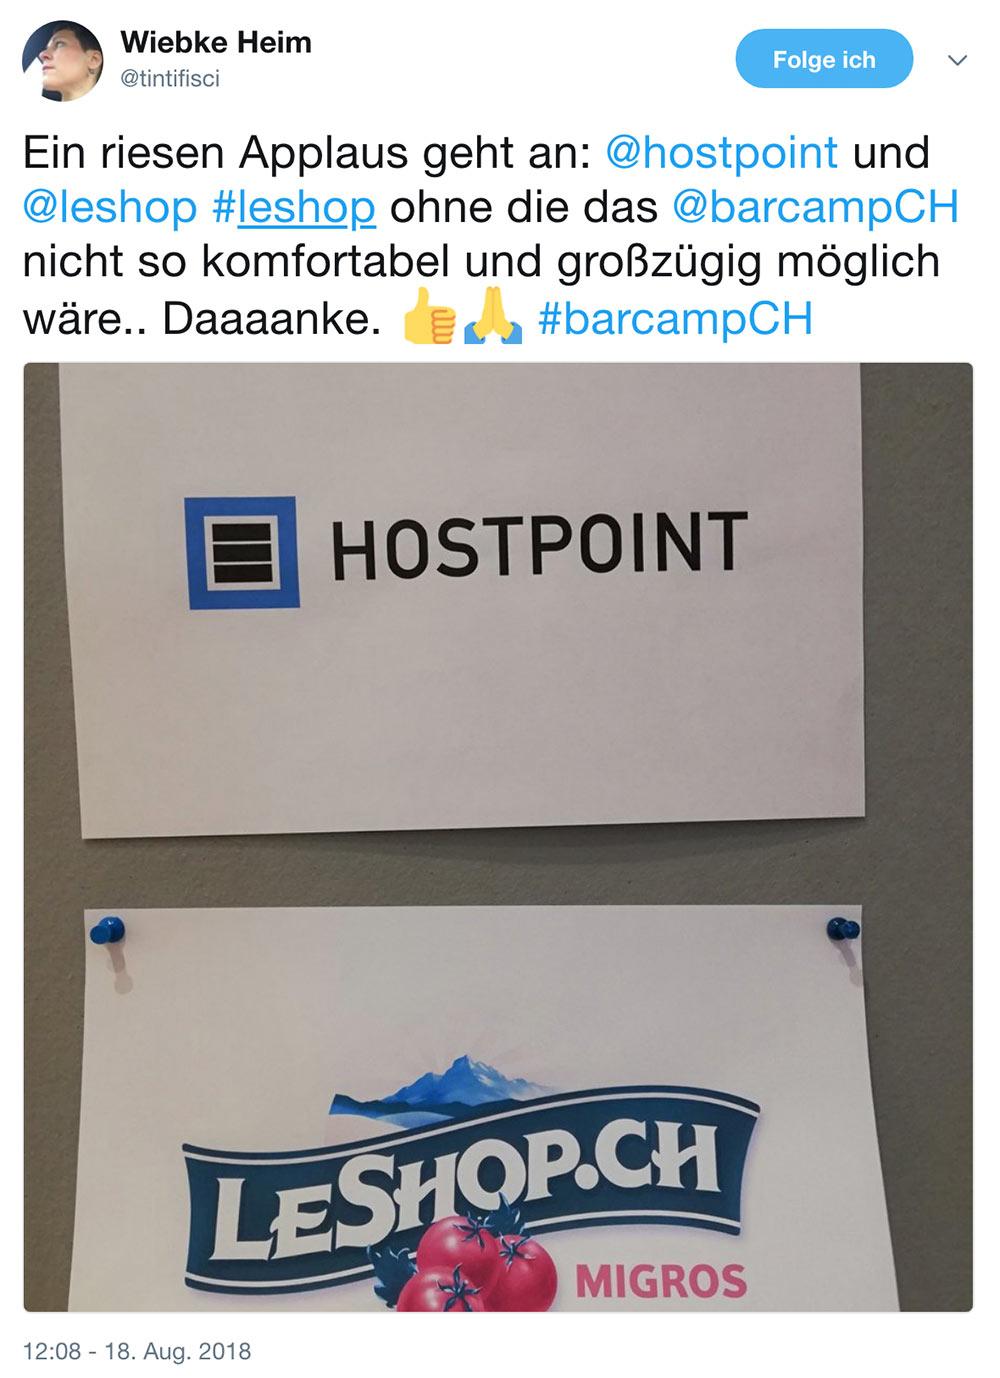 barcamp schweiz 2018 barcampch tweets 4 - Barcamp Schweiz 2018 - Mein Rückblick